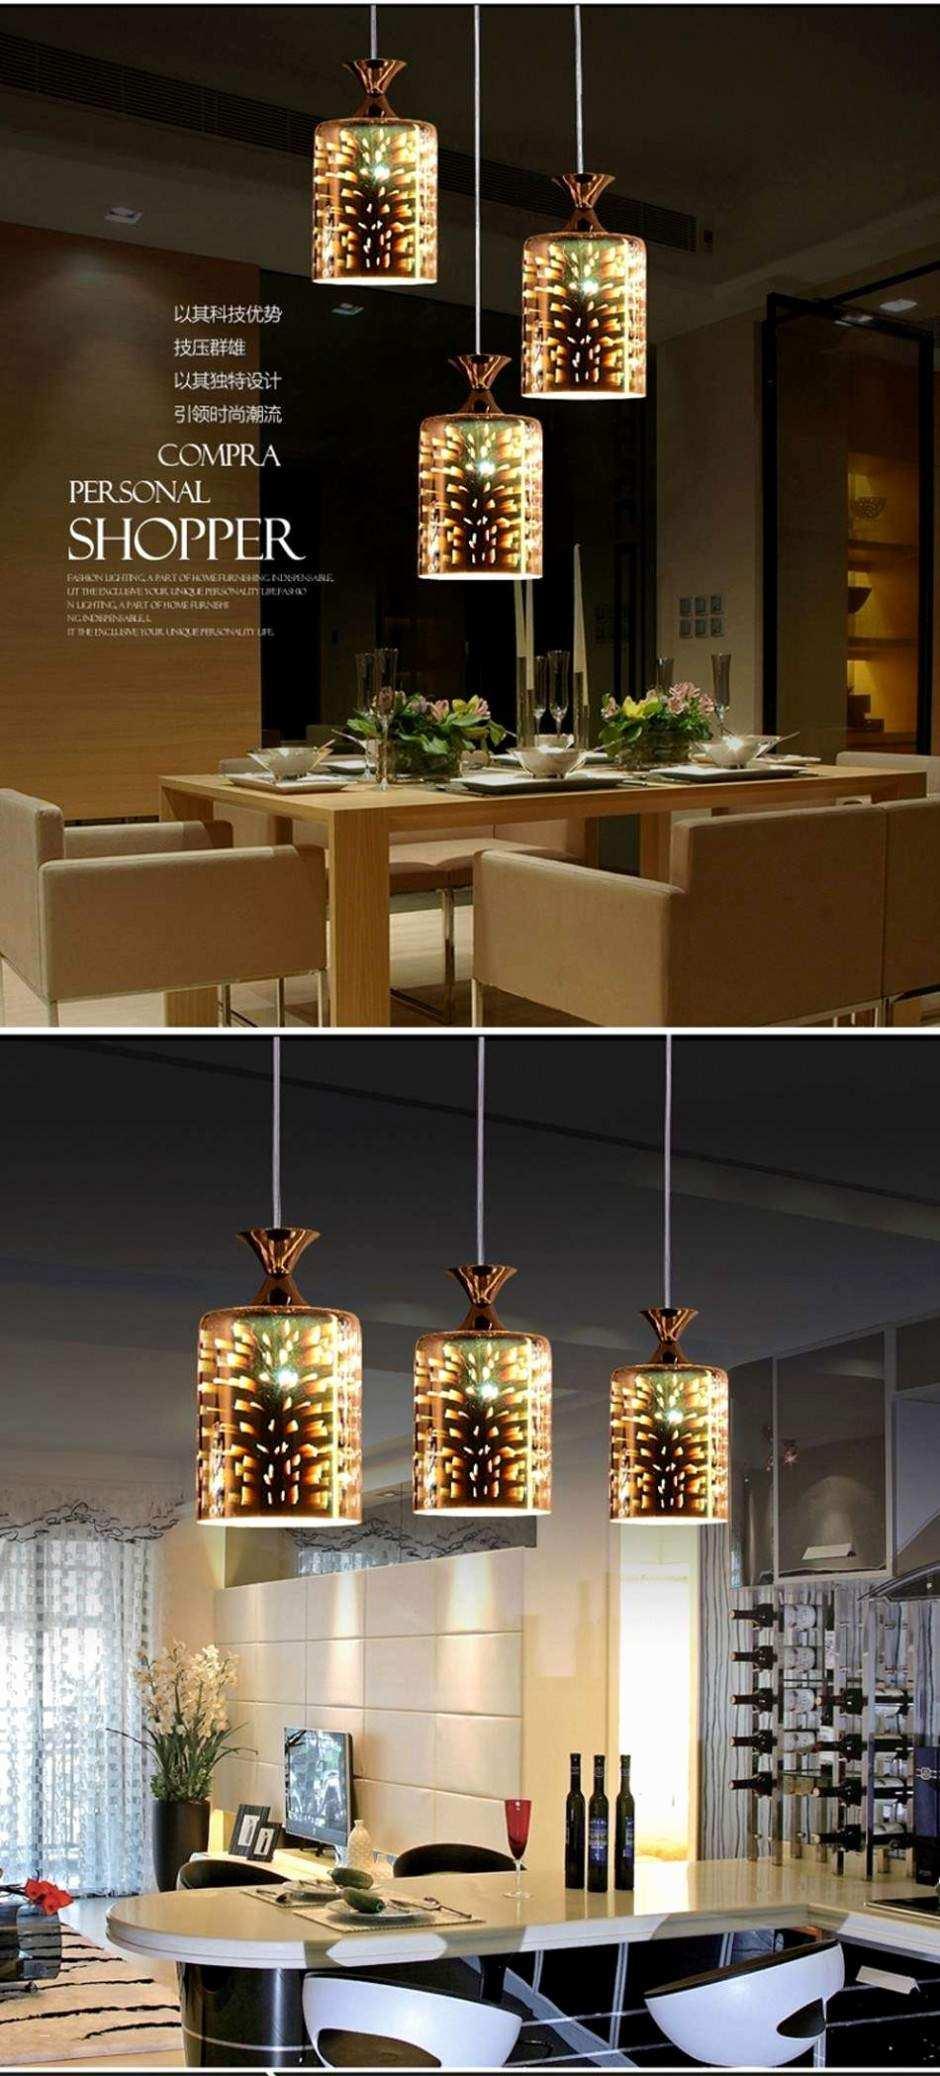 Full Size of Deckenlampe Wohnzimmer Deckenlampen Modern Sofa Leder Braun Komplett Led Beleuchtung Decke Großes Bild Stehleuchte Einbauleuchten Bad Büffelleder Für Wohnzimmer Wohnzimmer Deckenlampe Led